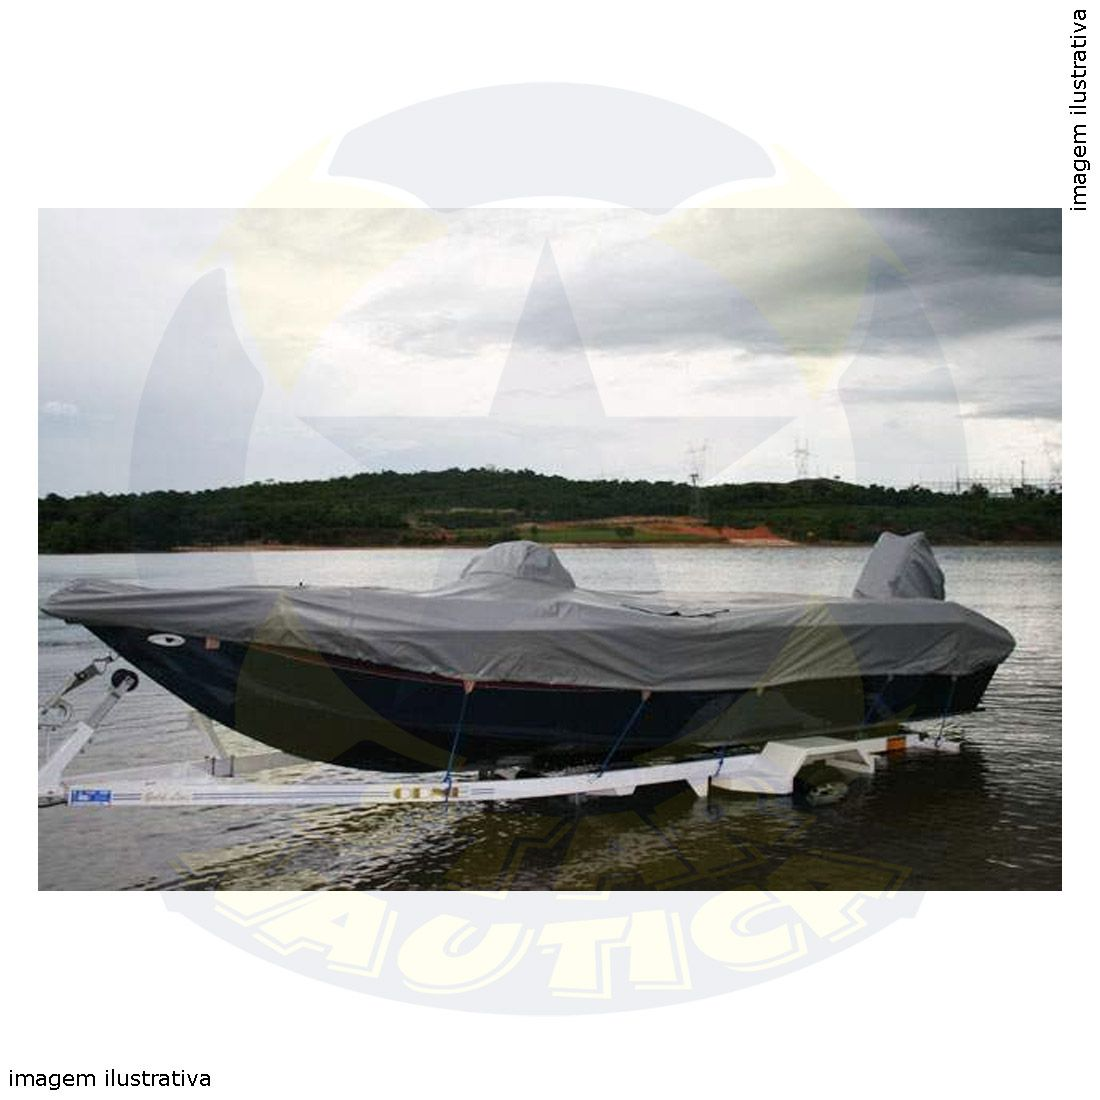 Capa Lona de Cobertura Lancha Apache 19 Pés Fluvimar Lona Poliéster